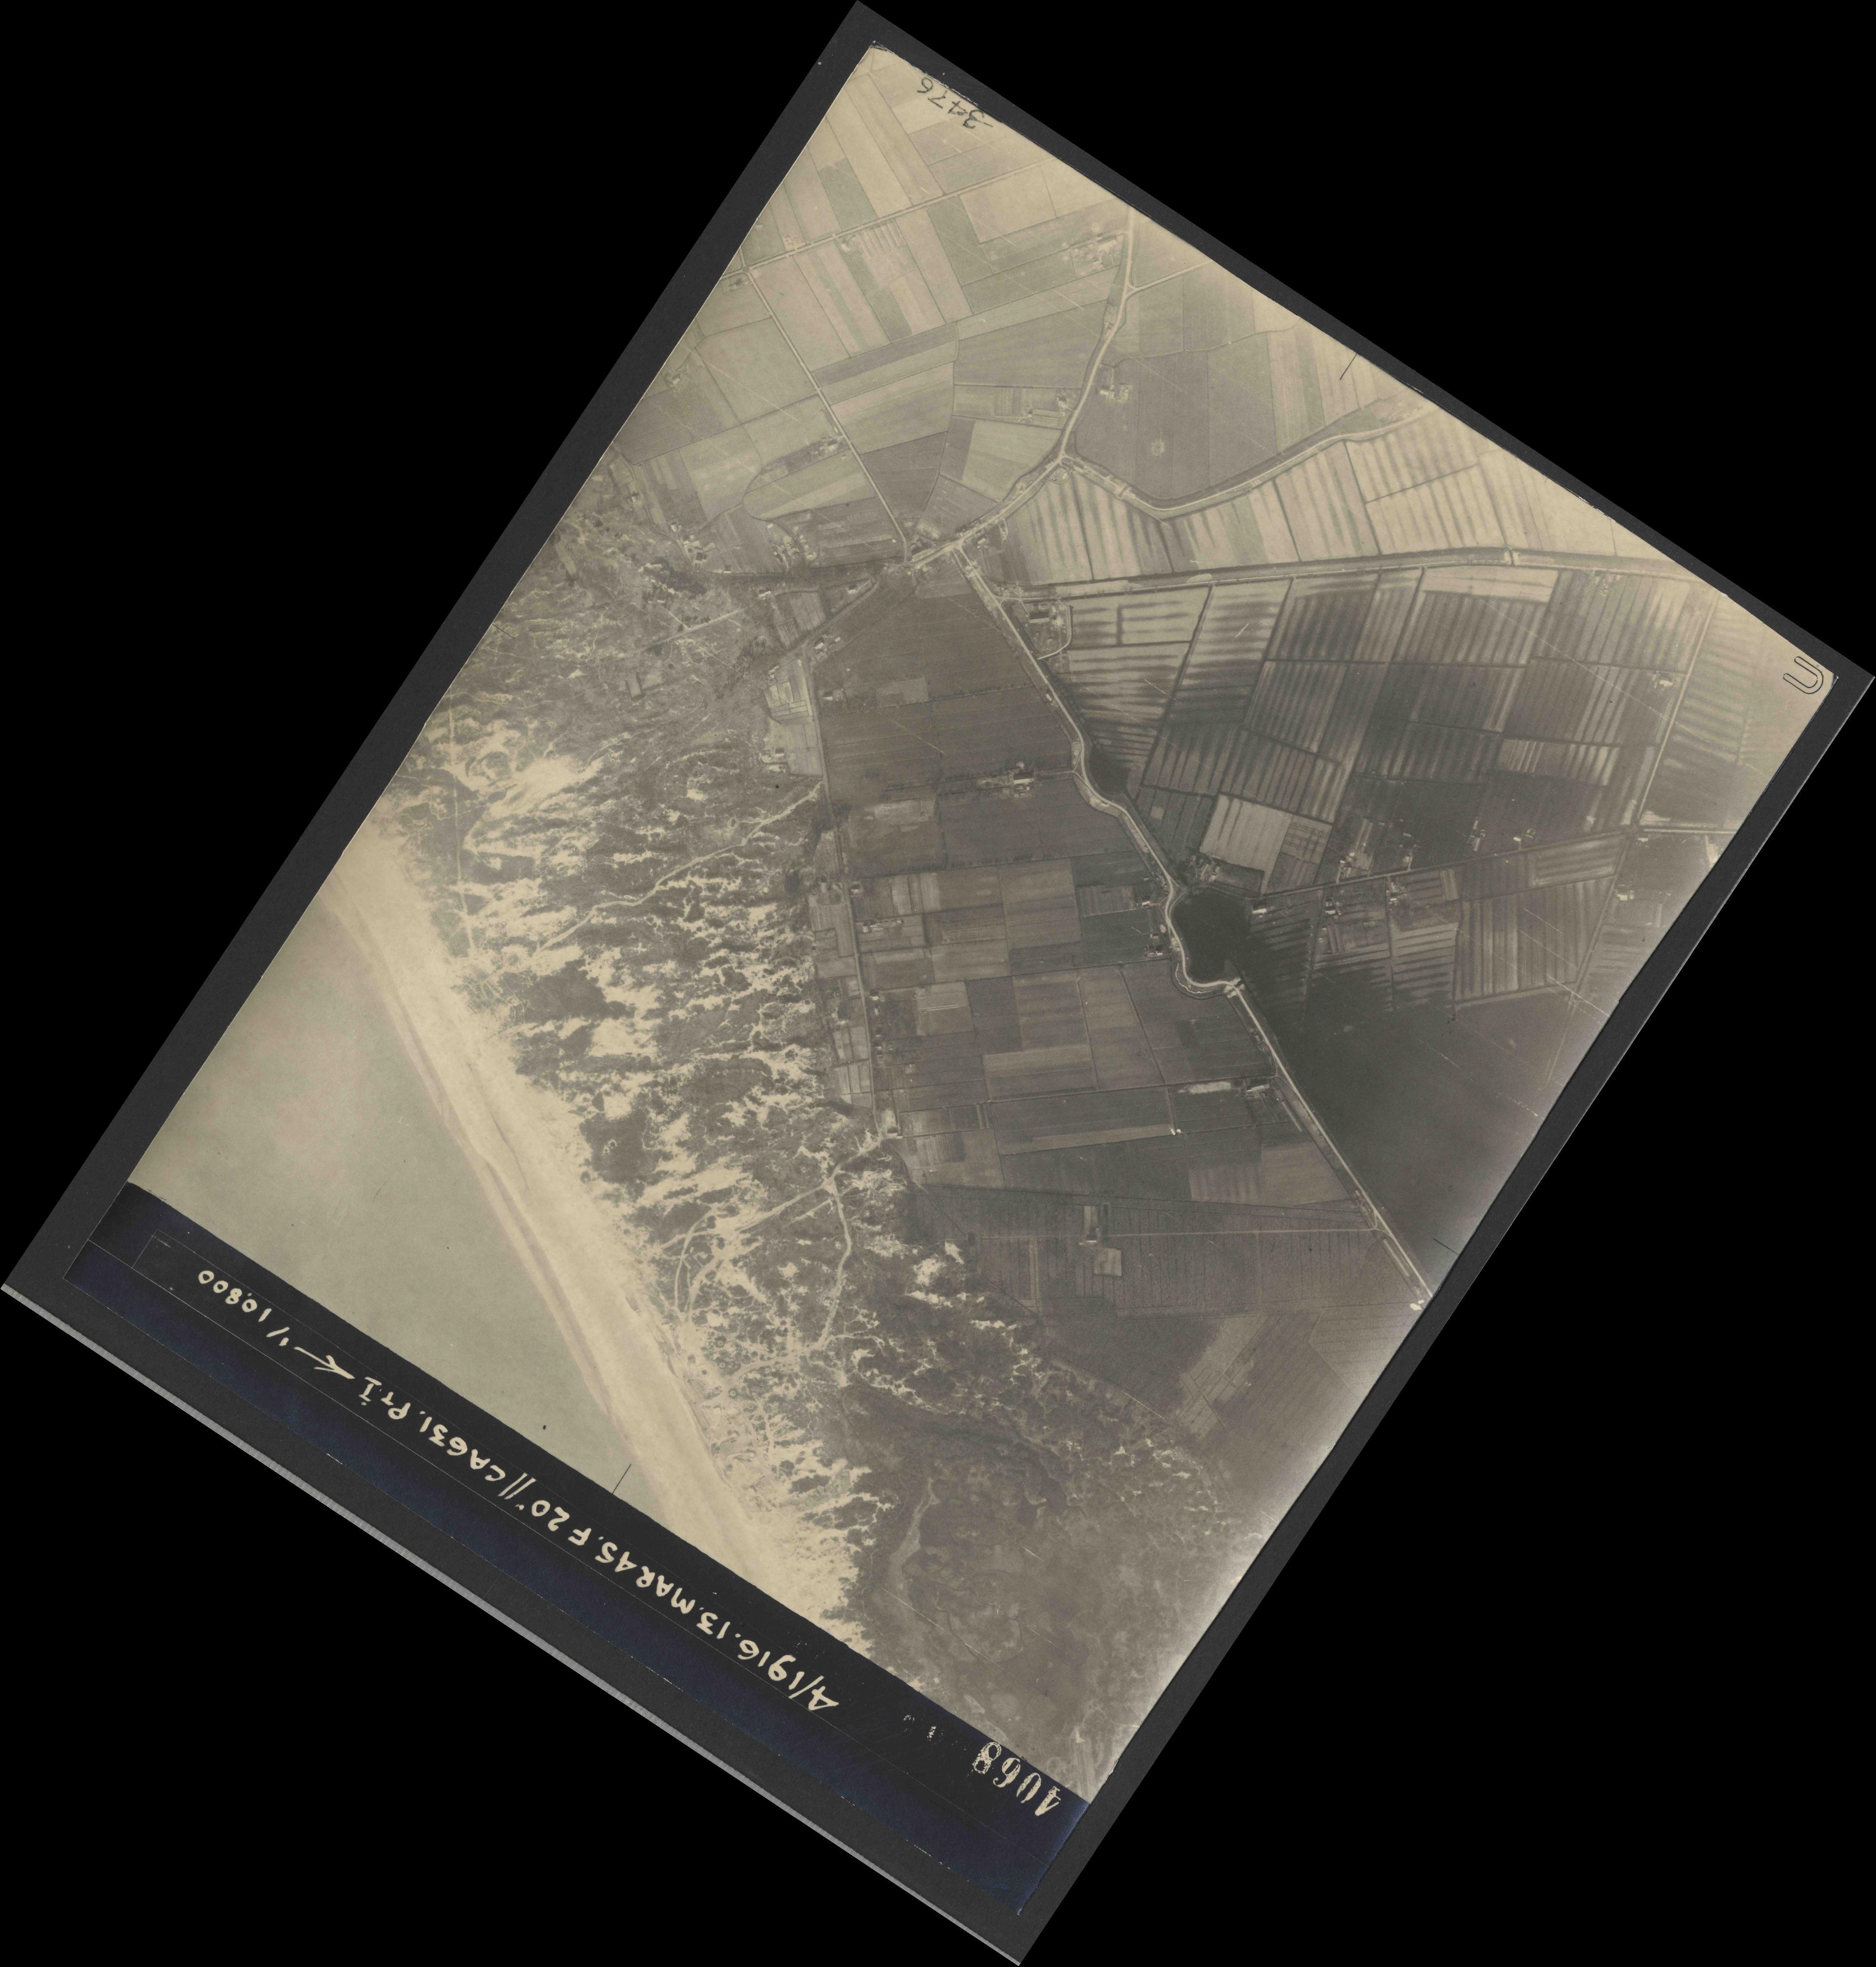 Collection RAF aerial photos 1940-1945 - flight 085, run 04, photo 4068